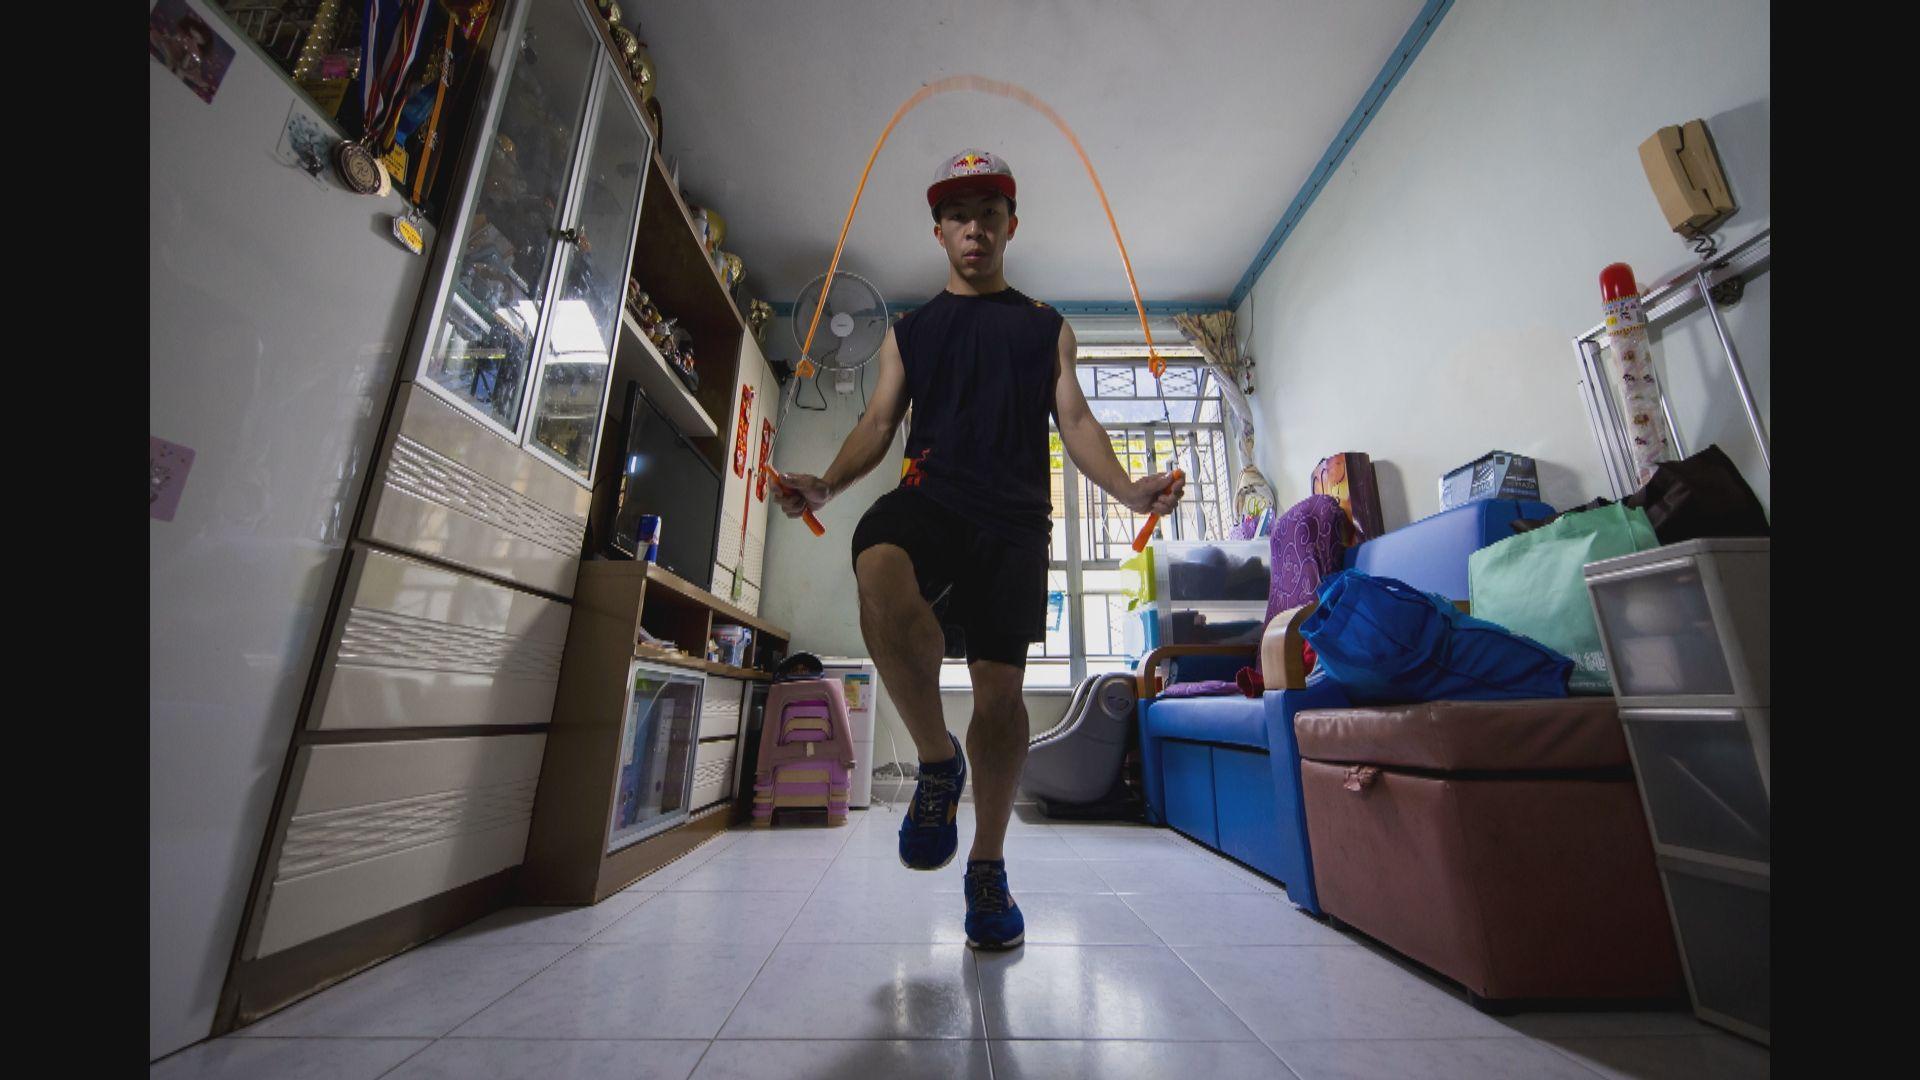 原訂7月舉行的世界跳繩錦標賽延期到明年